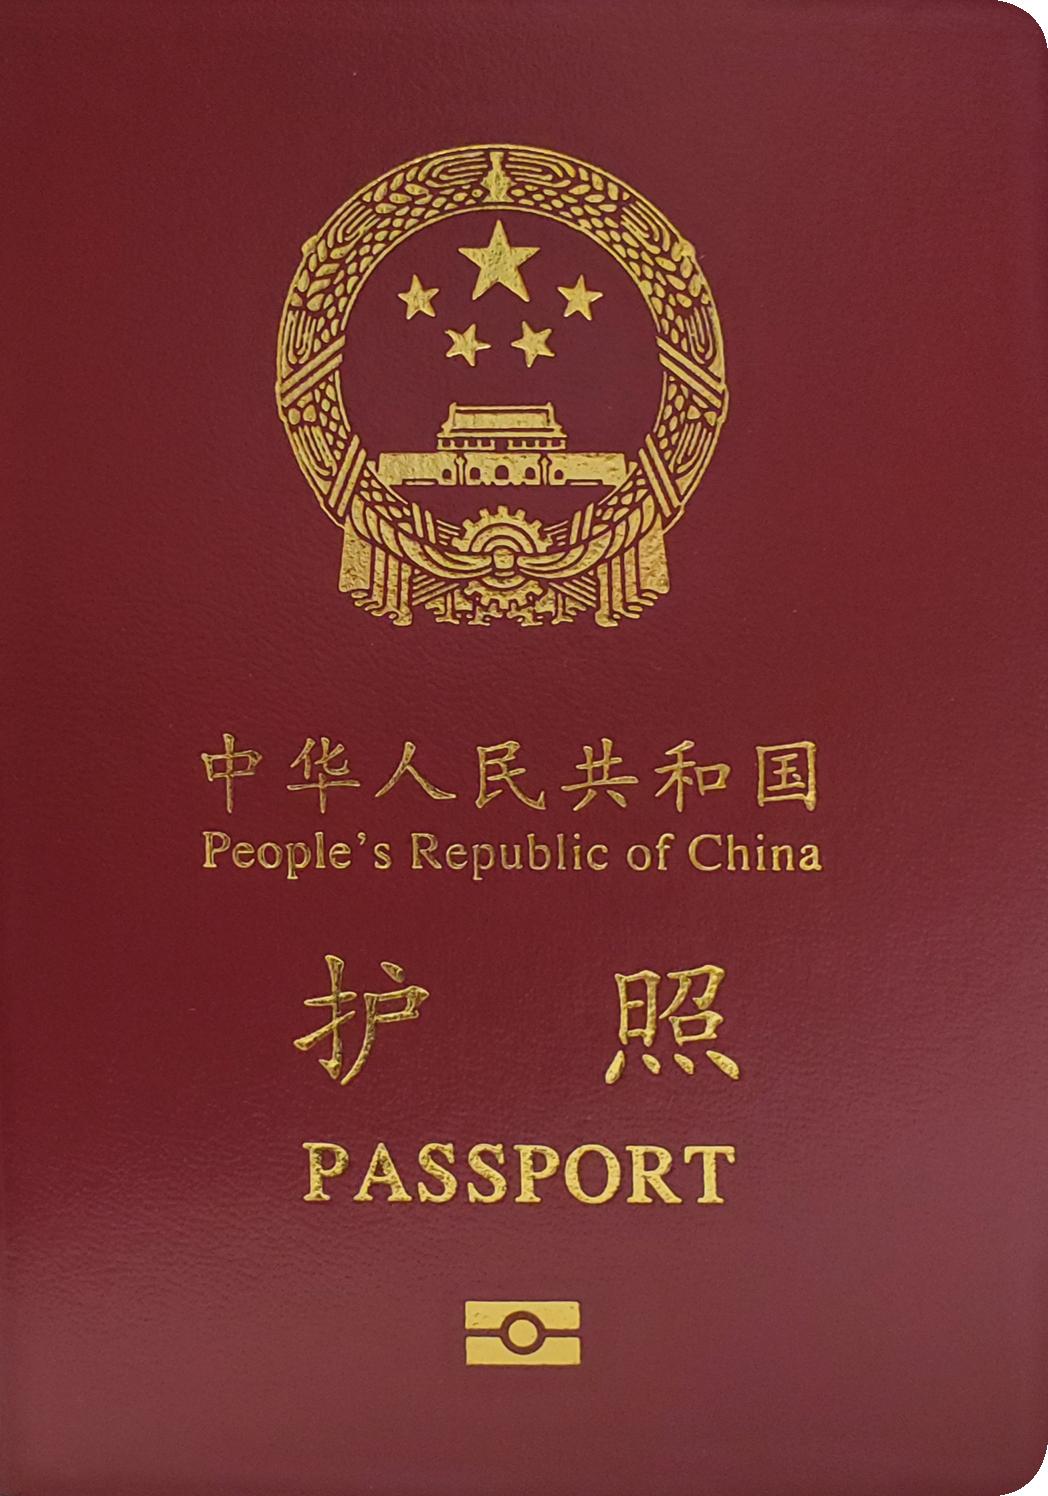 中華人民共和國護照(PRC Passport)